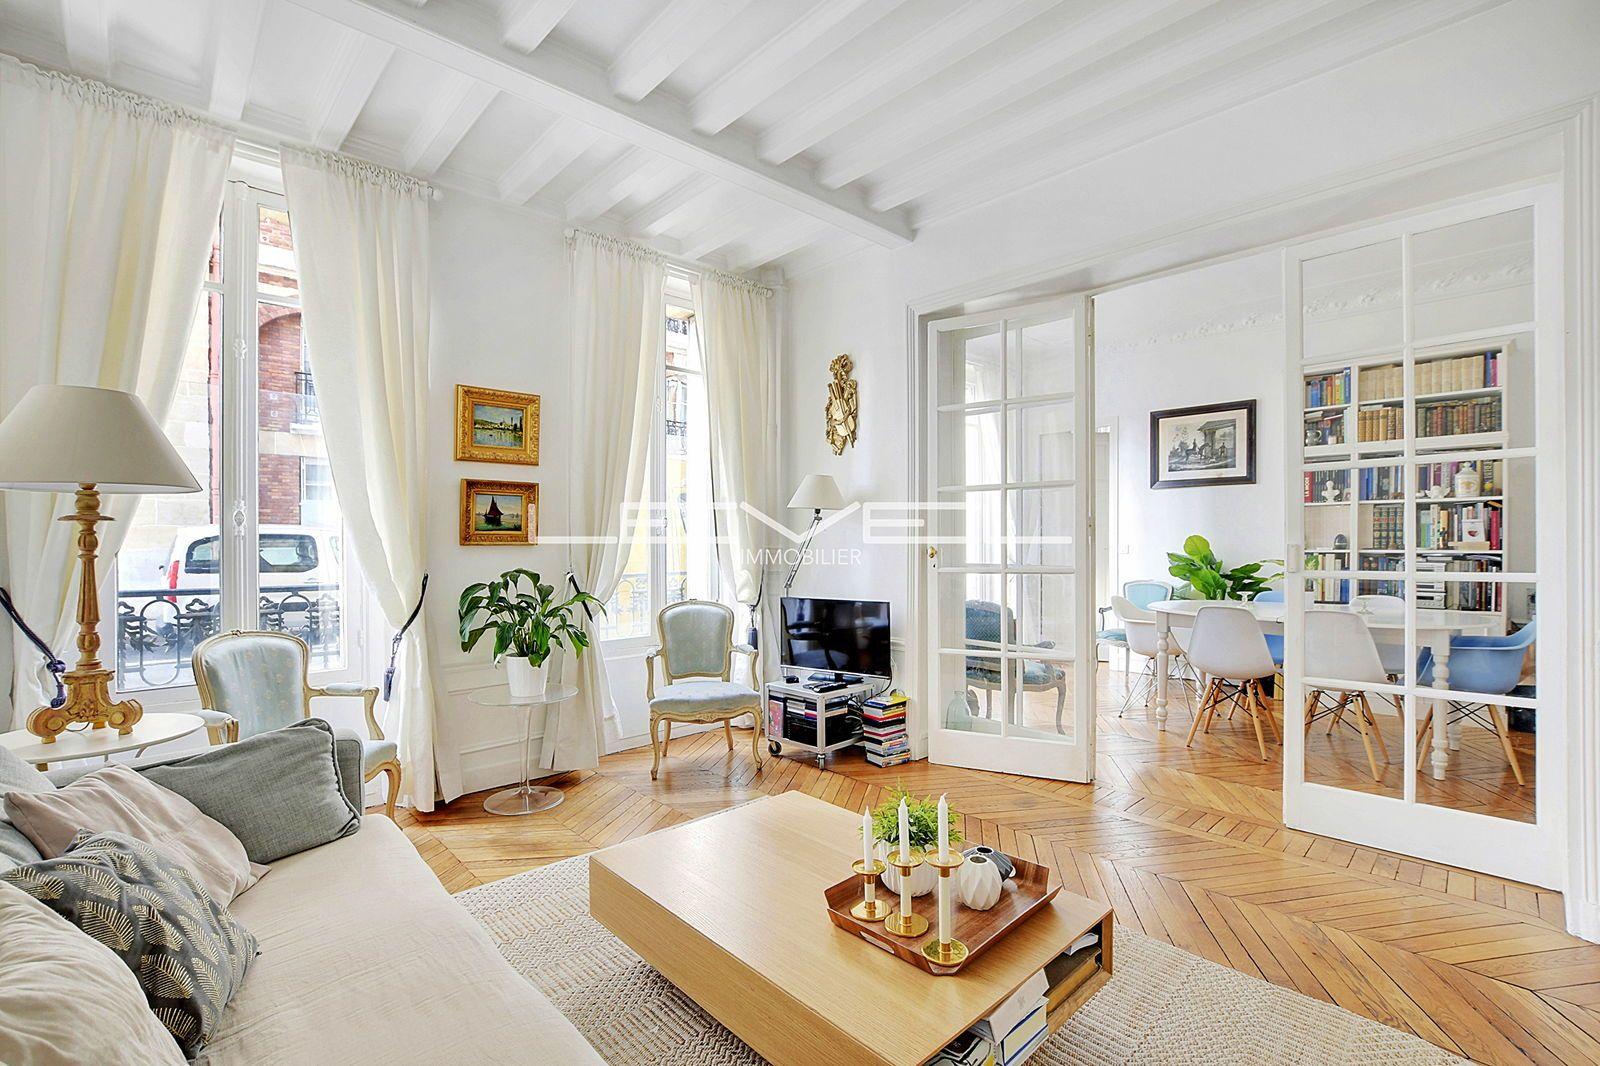 Vends appartement 4pièces - 2/3chambres - 87m² - Courbevoie (92)